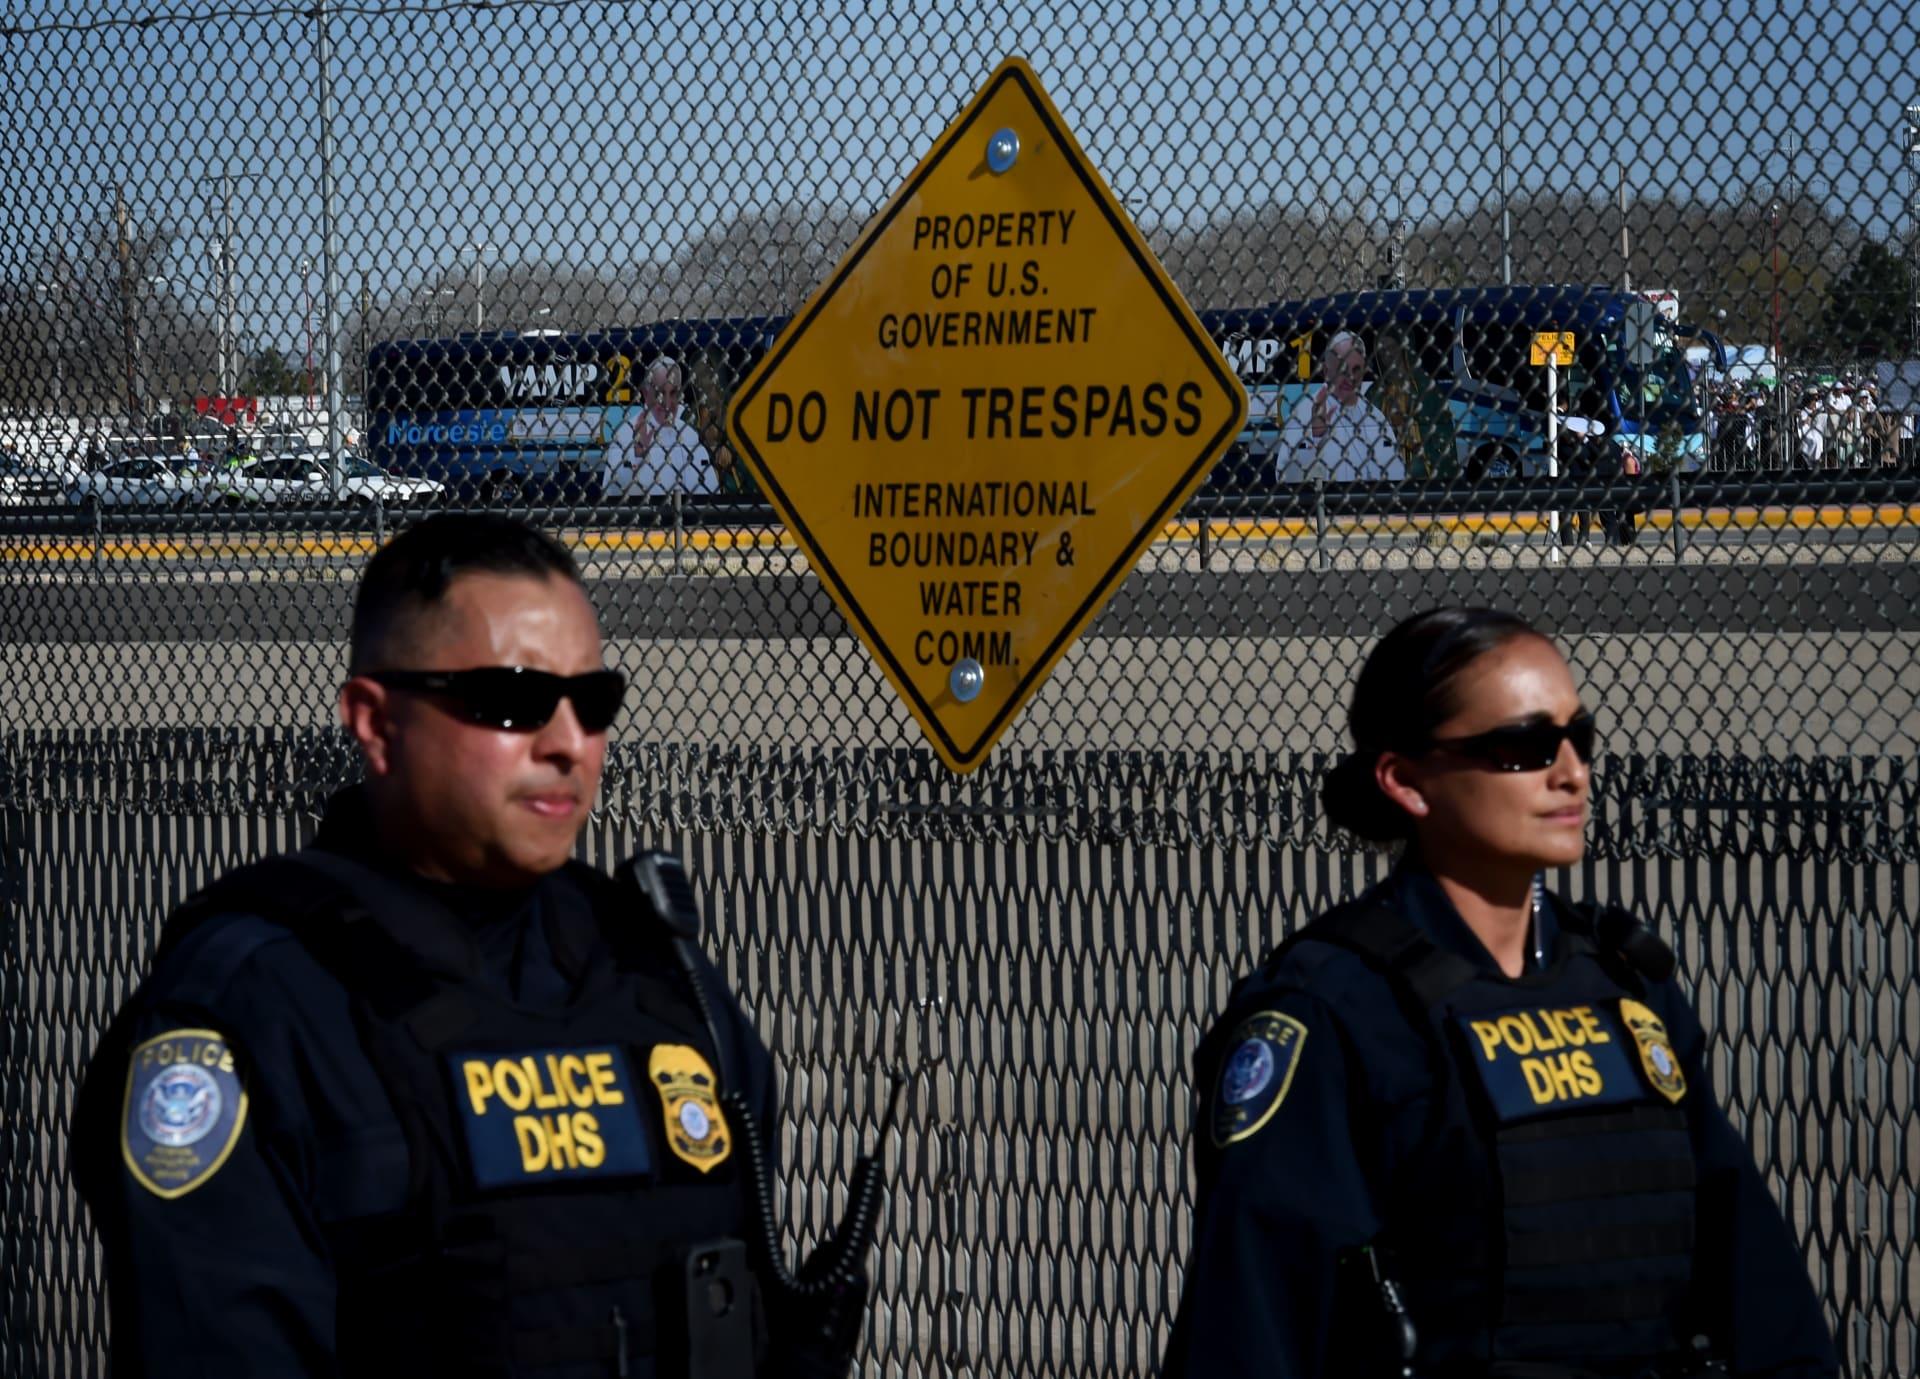 """أمريكا: مهّرب يعتمد سياسة """"حاول مرة أخرى وأخرى"""" حتى قبضت عليه السلطات للمرة...؟"""